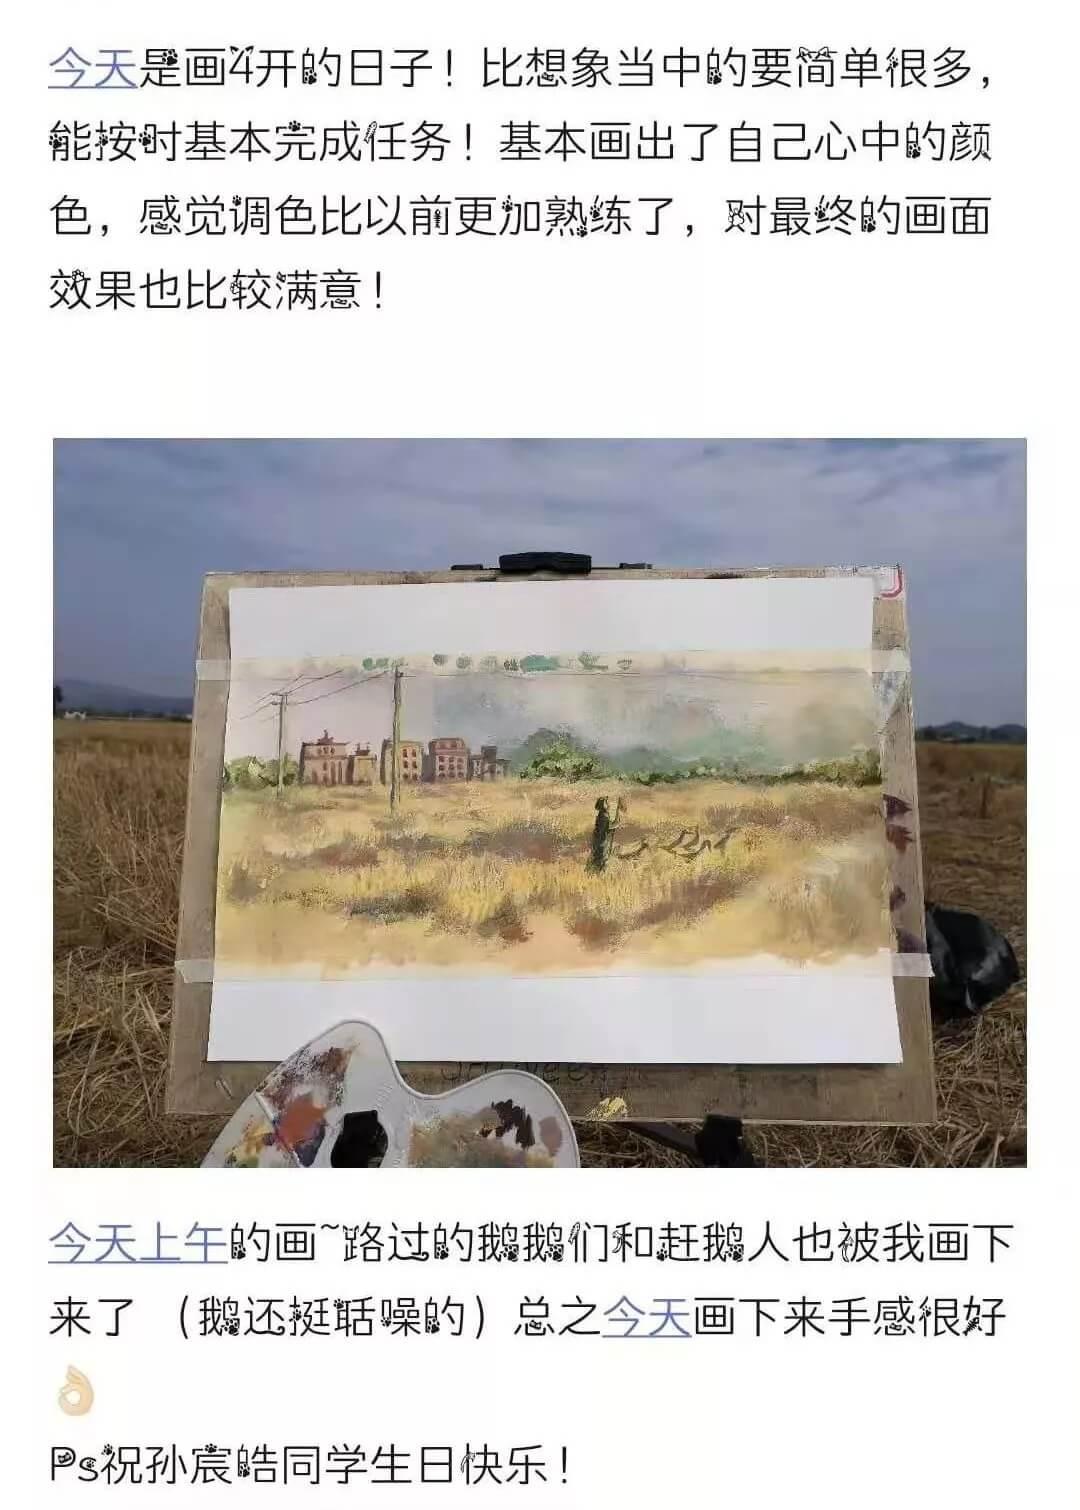 广州围墙画室,围墙画室,广州围墙美术培训,21